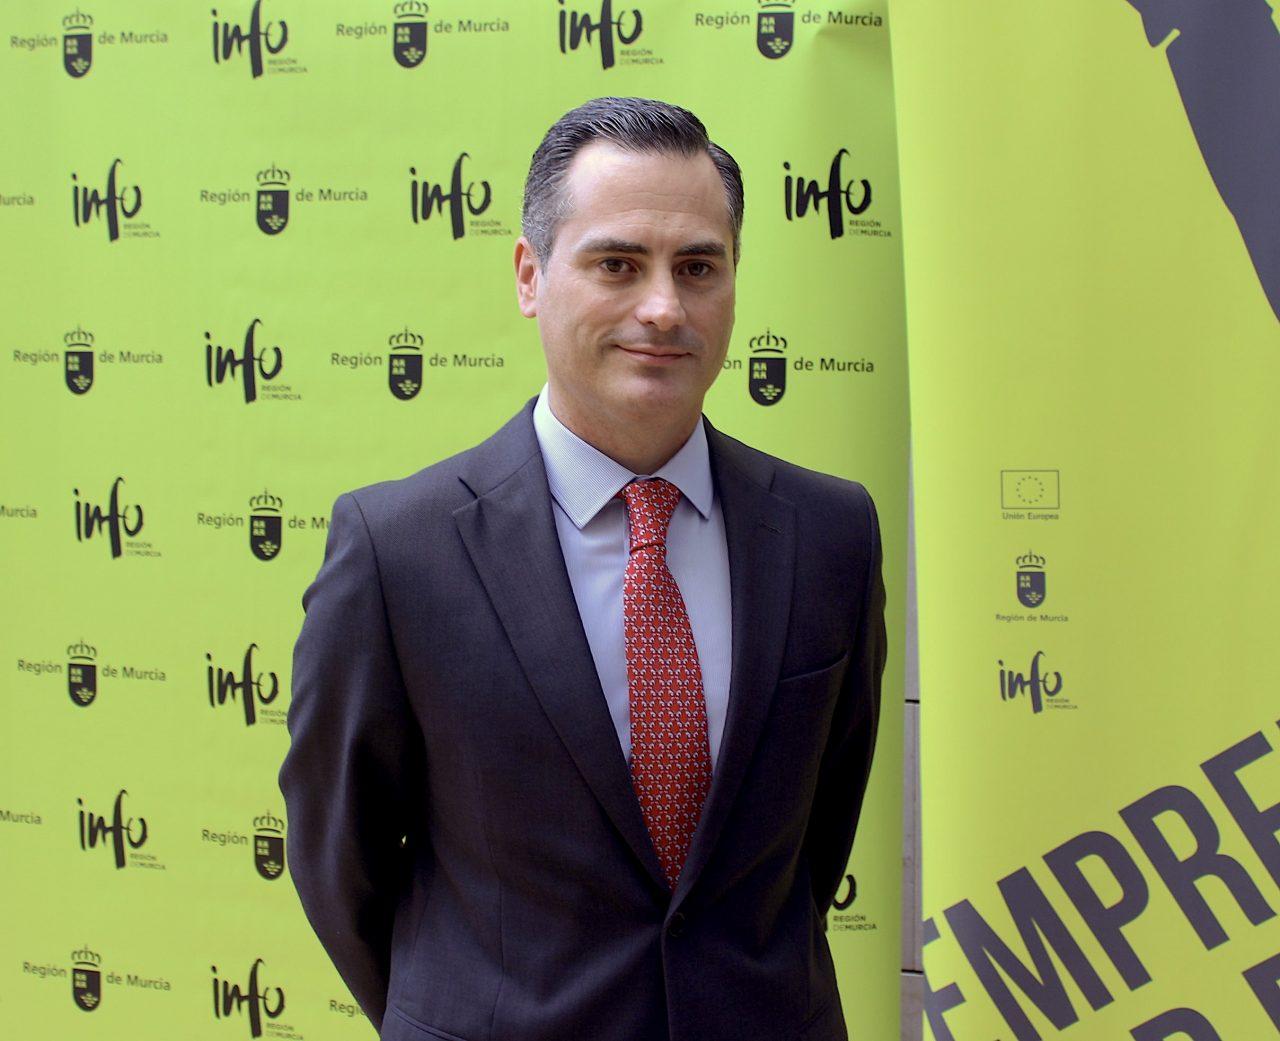 Diego-Rodríguez-INFO-1280x1041.jpg